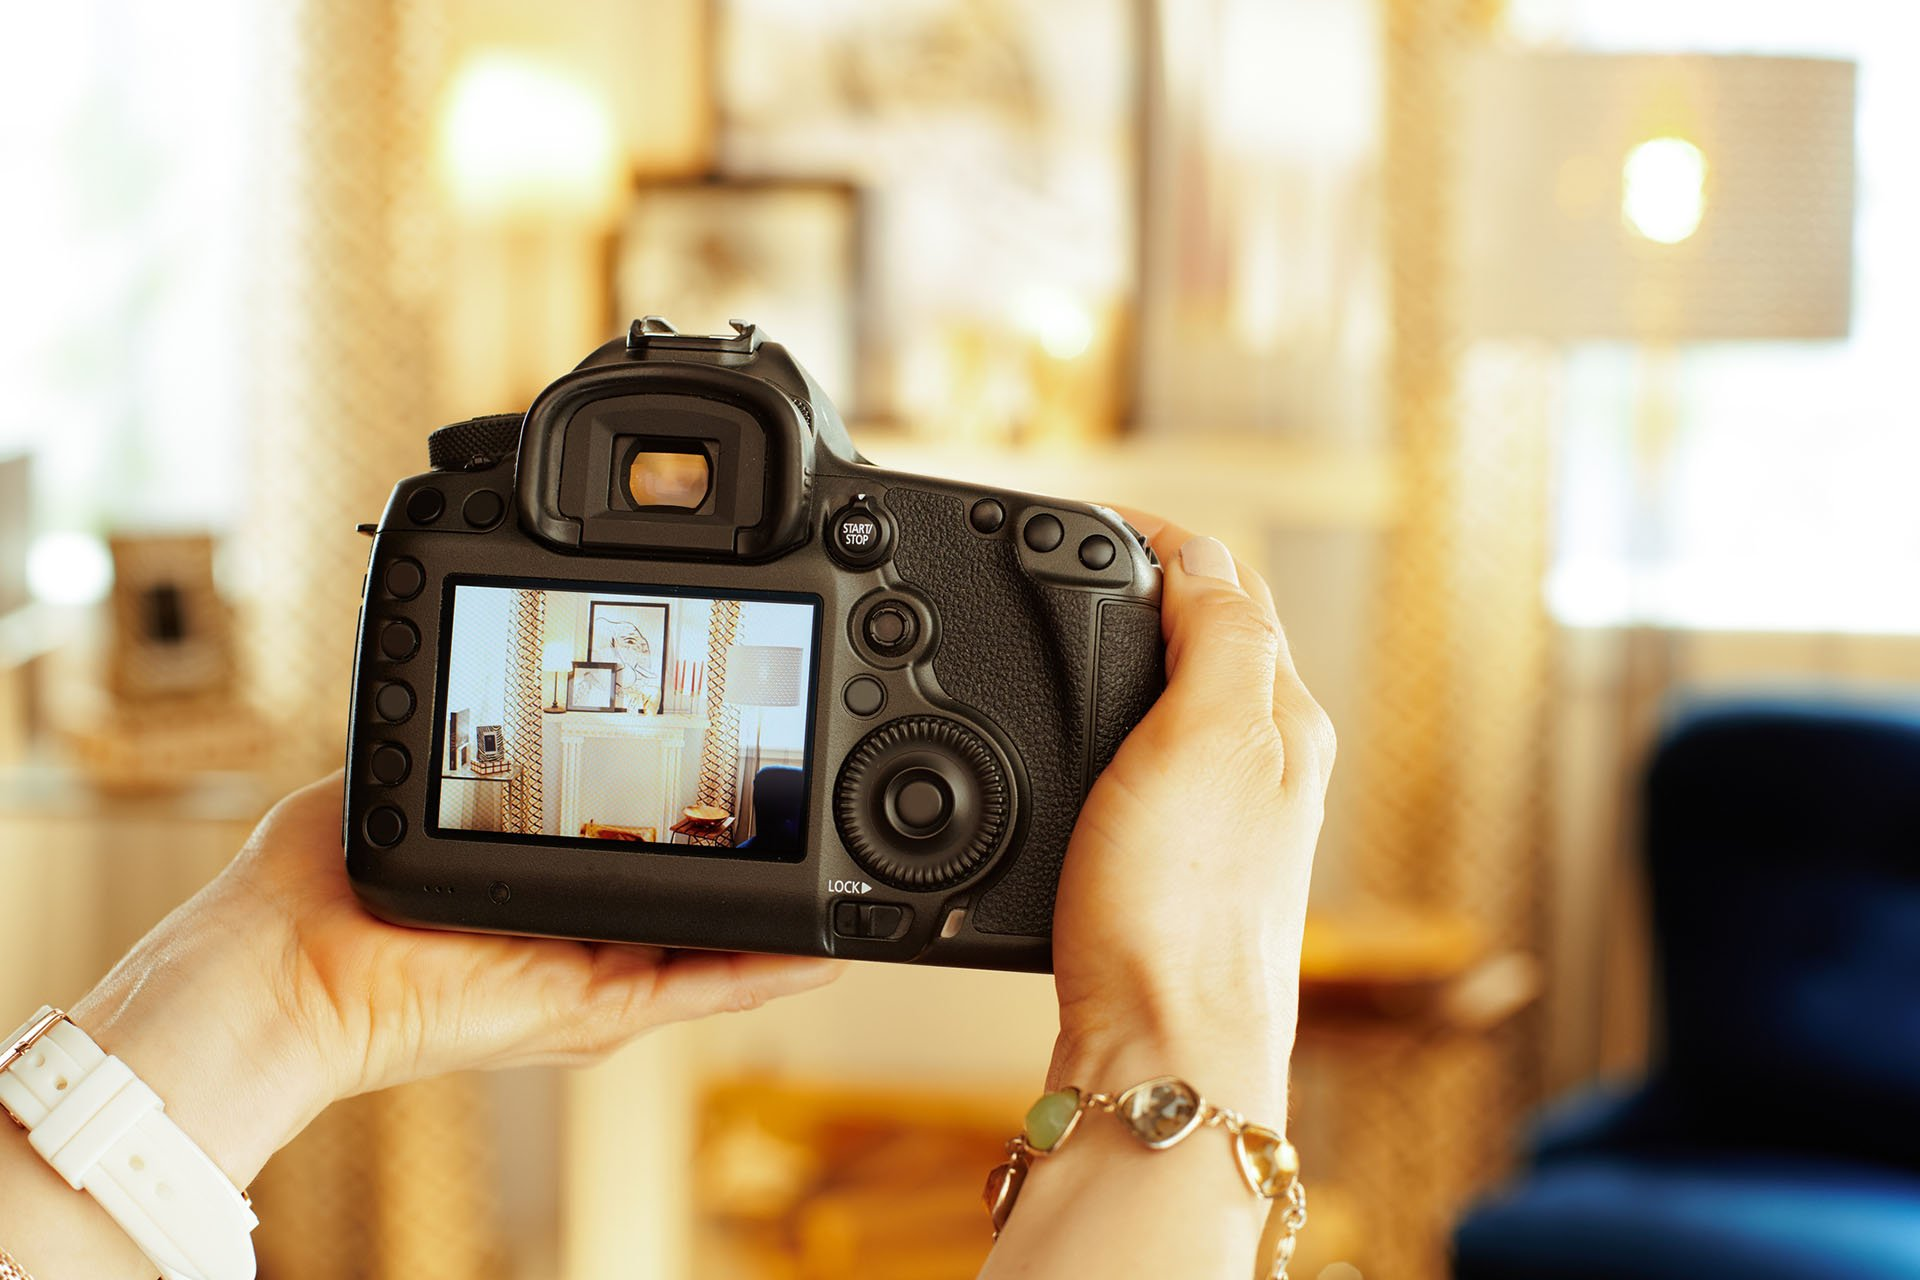 Débarrassez votre maison, vos locaux ou votre appartement de ses encombrants sur Bordeaux, et augmentez vos chances de vente sur JeVide avec nos astuces photo.